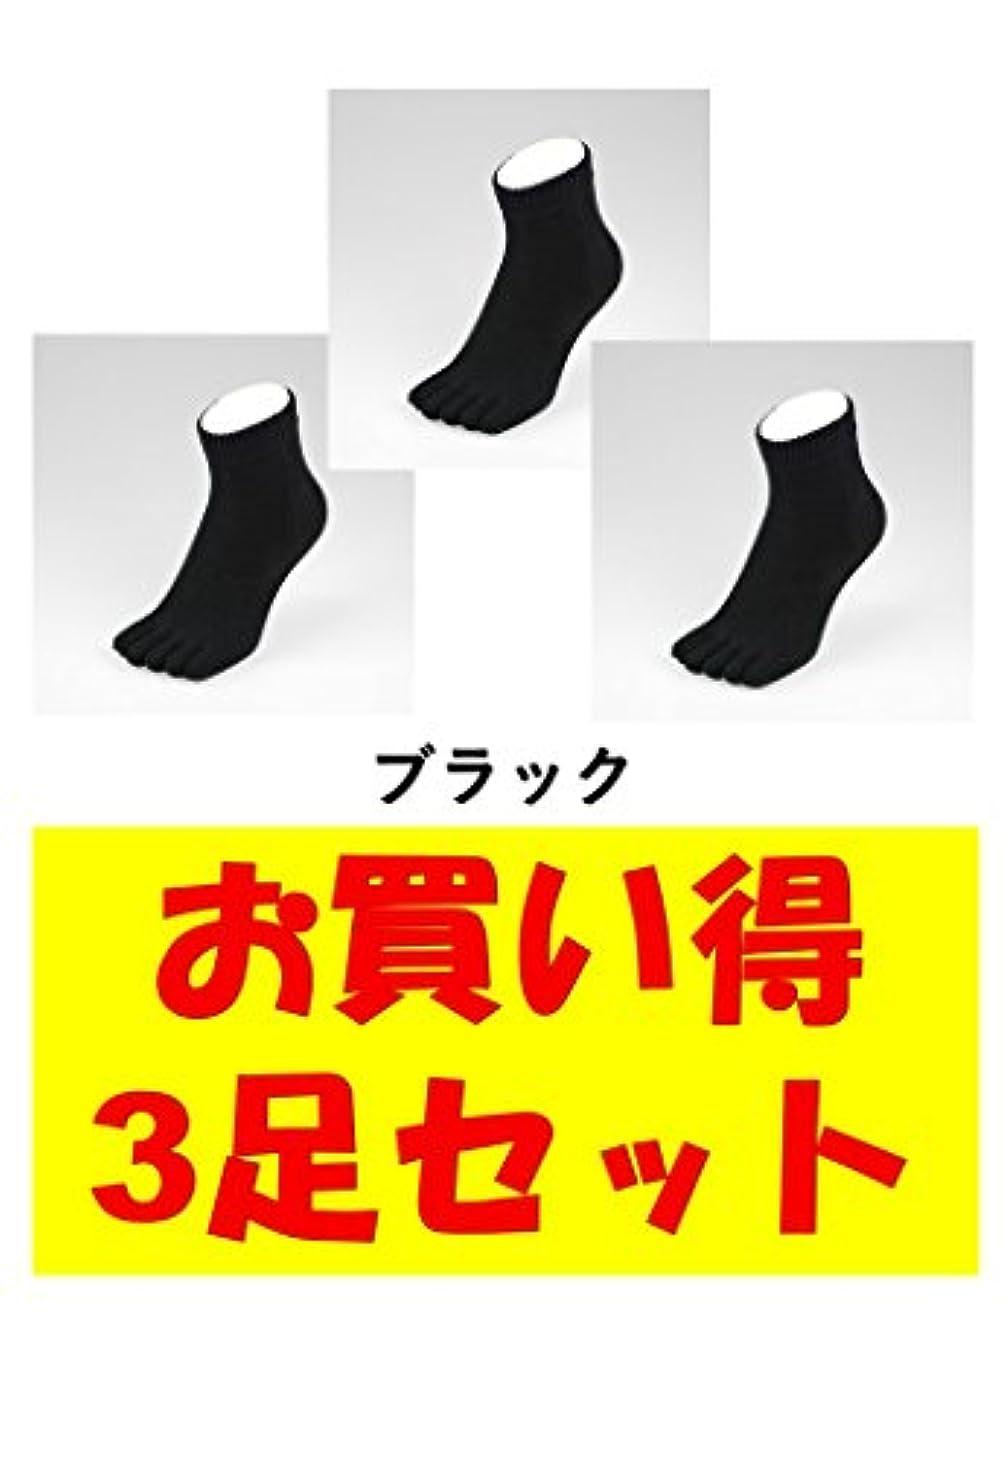 促進するレギュラー警察署お買い得3足セット 5本指 ゆびのばソックス Neo EVE(イヴ) ブラック Sサイズ(21.0cm - 24.0cm) YSNEVE-BLK